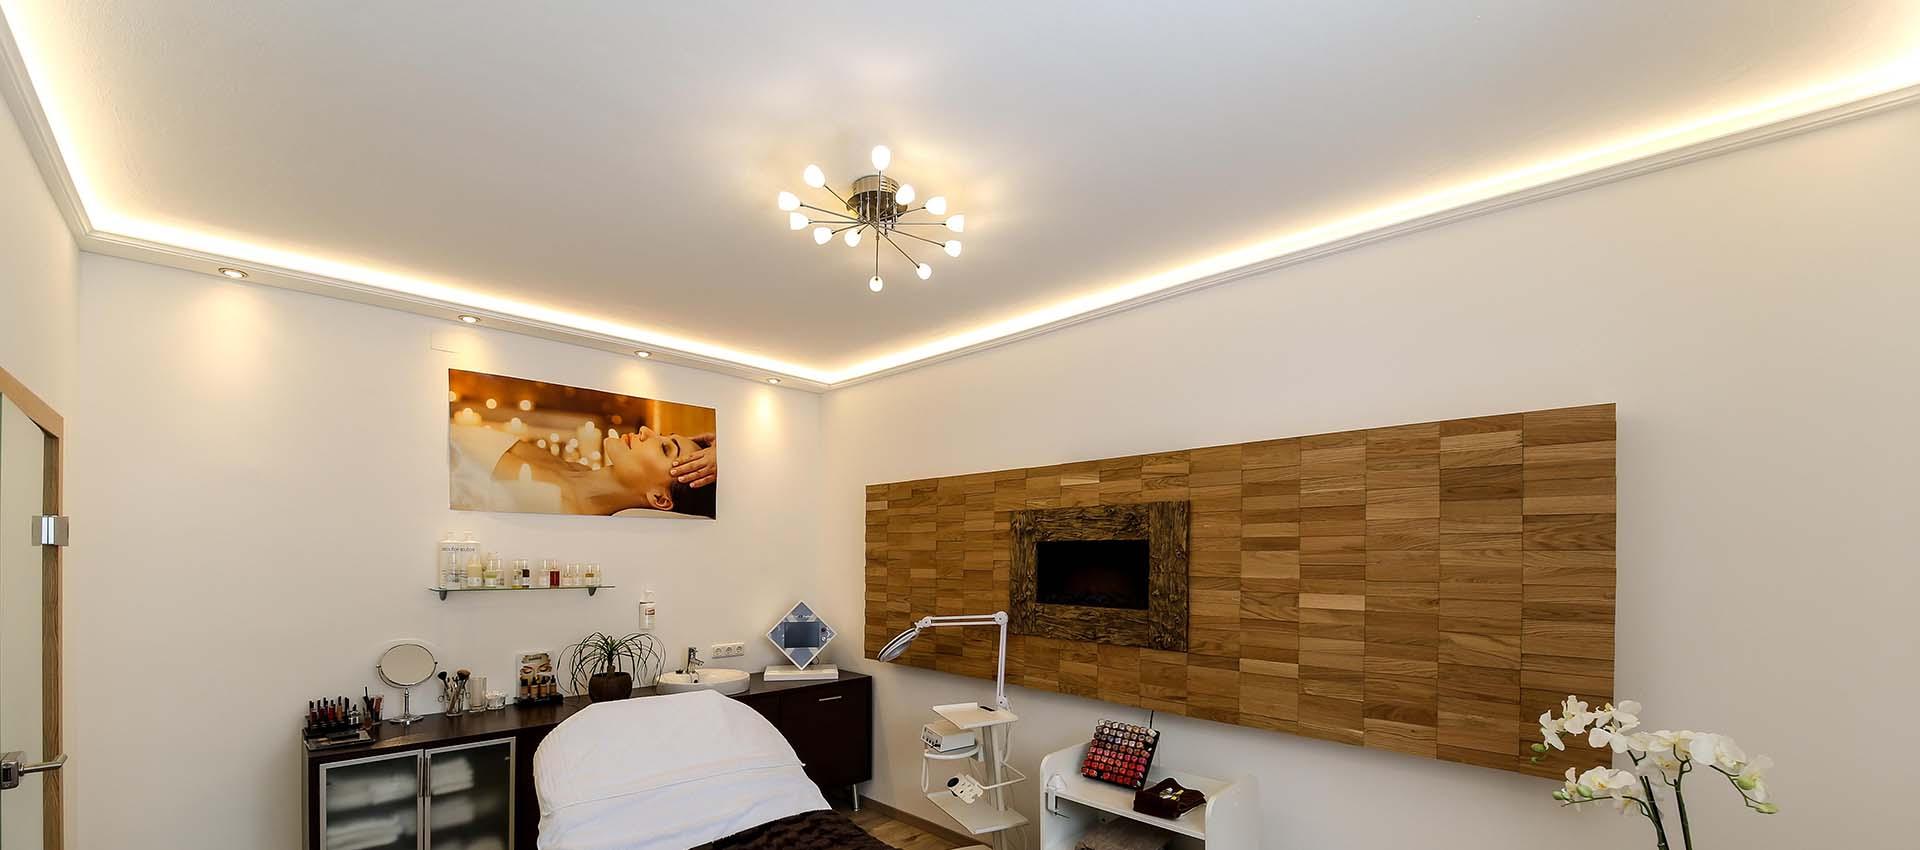 indirekte beleuchtung u fassadenprofile selber bauen. Black Bedroom Furniture Sets. Home Design Ideas